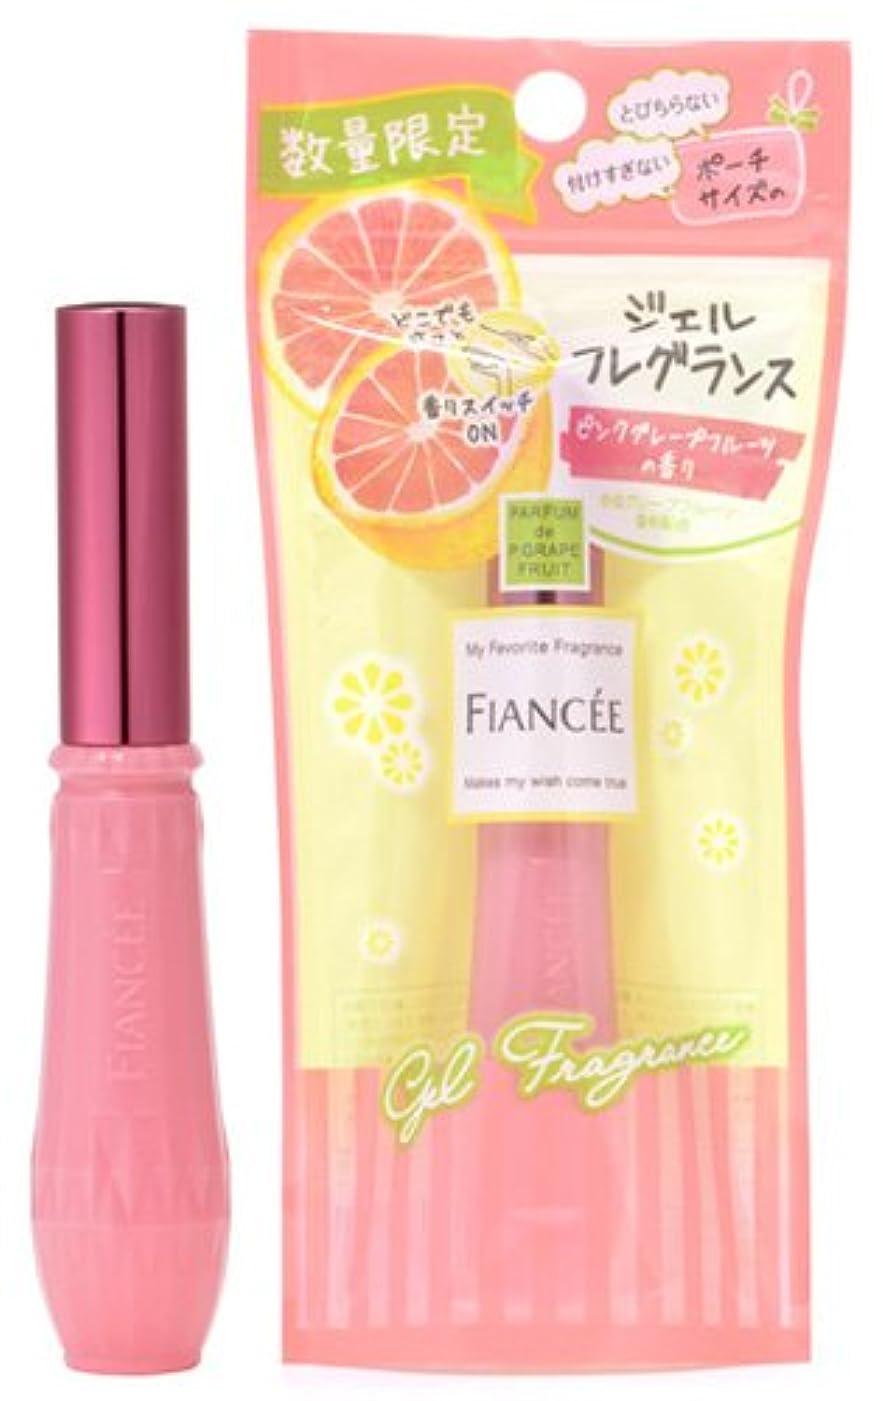 ペデスタルスラム上回るフィアンセ ジェルフレグランス ピンクグレープフルーツの香り